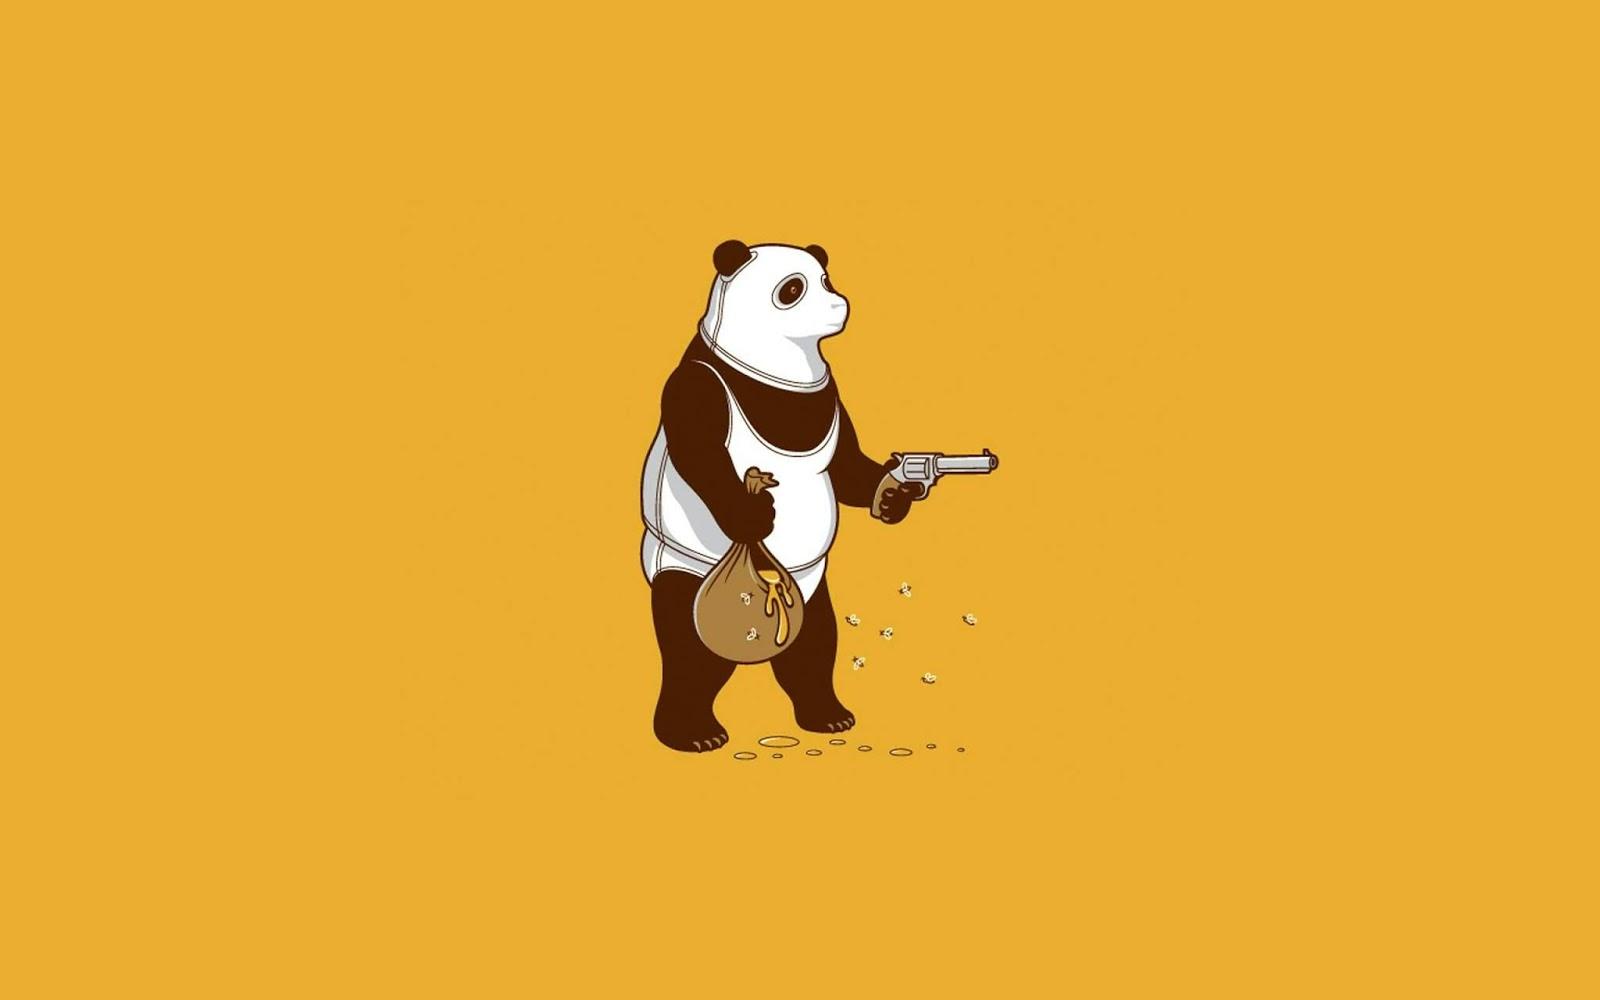 باندا,الدببة الثلاثة الدب الرابع,الدببة الثلاثة الجيران,الدببة الثلاثة حلقات جديدة,كرتون نتورك بالعربي,تعليم الرسم,كرتون نتورك بالعربيه,الجوال,خلفيات,كرتون نتورك 2018,خلفيات فيديو,جيلي باندا 2017,الباندا,حلقات جديدة,فيلم كرتون باندا 3,خلفيات متحركة